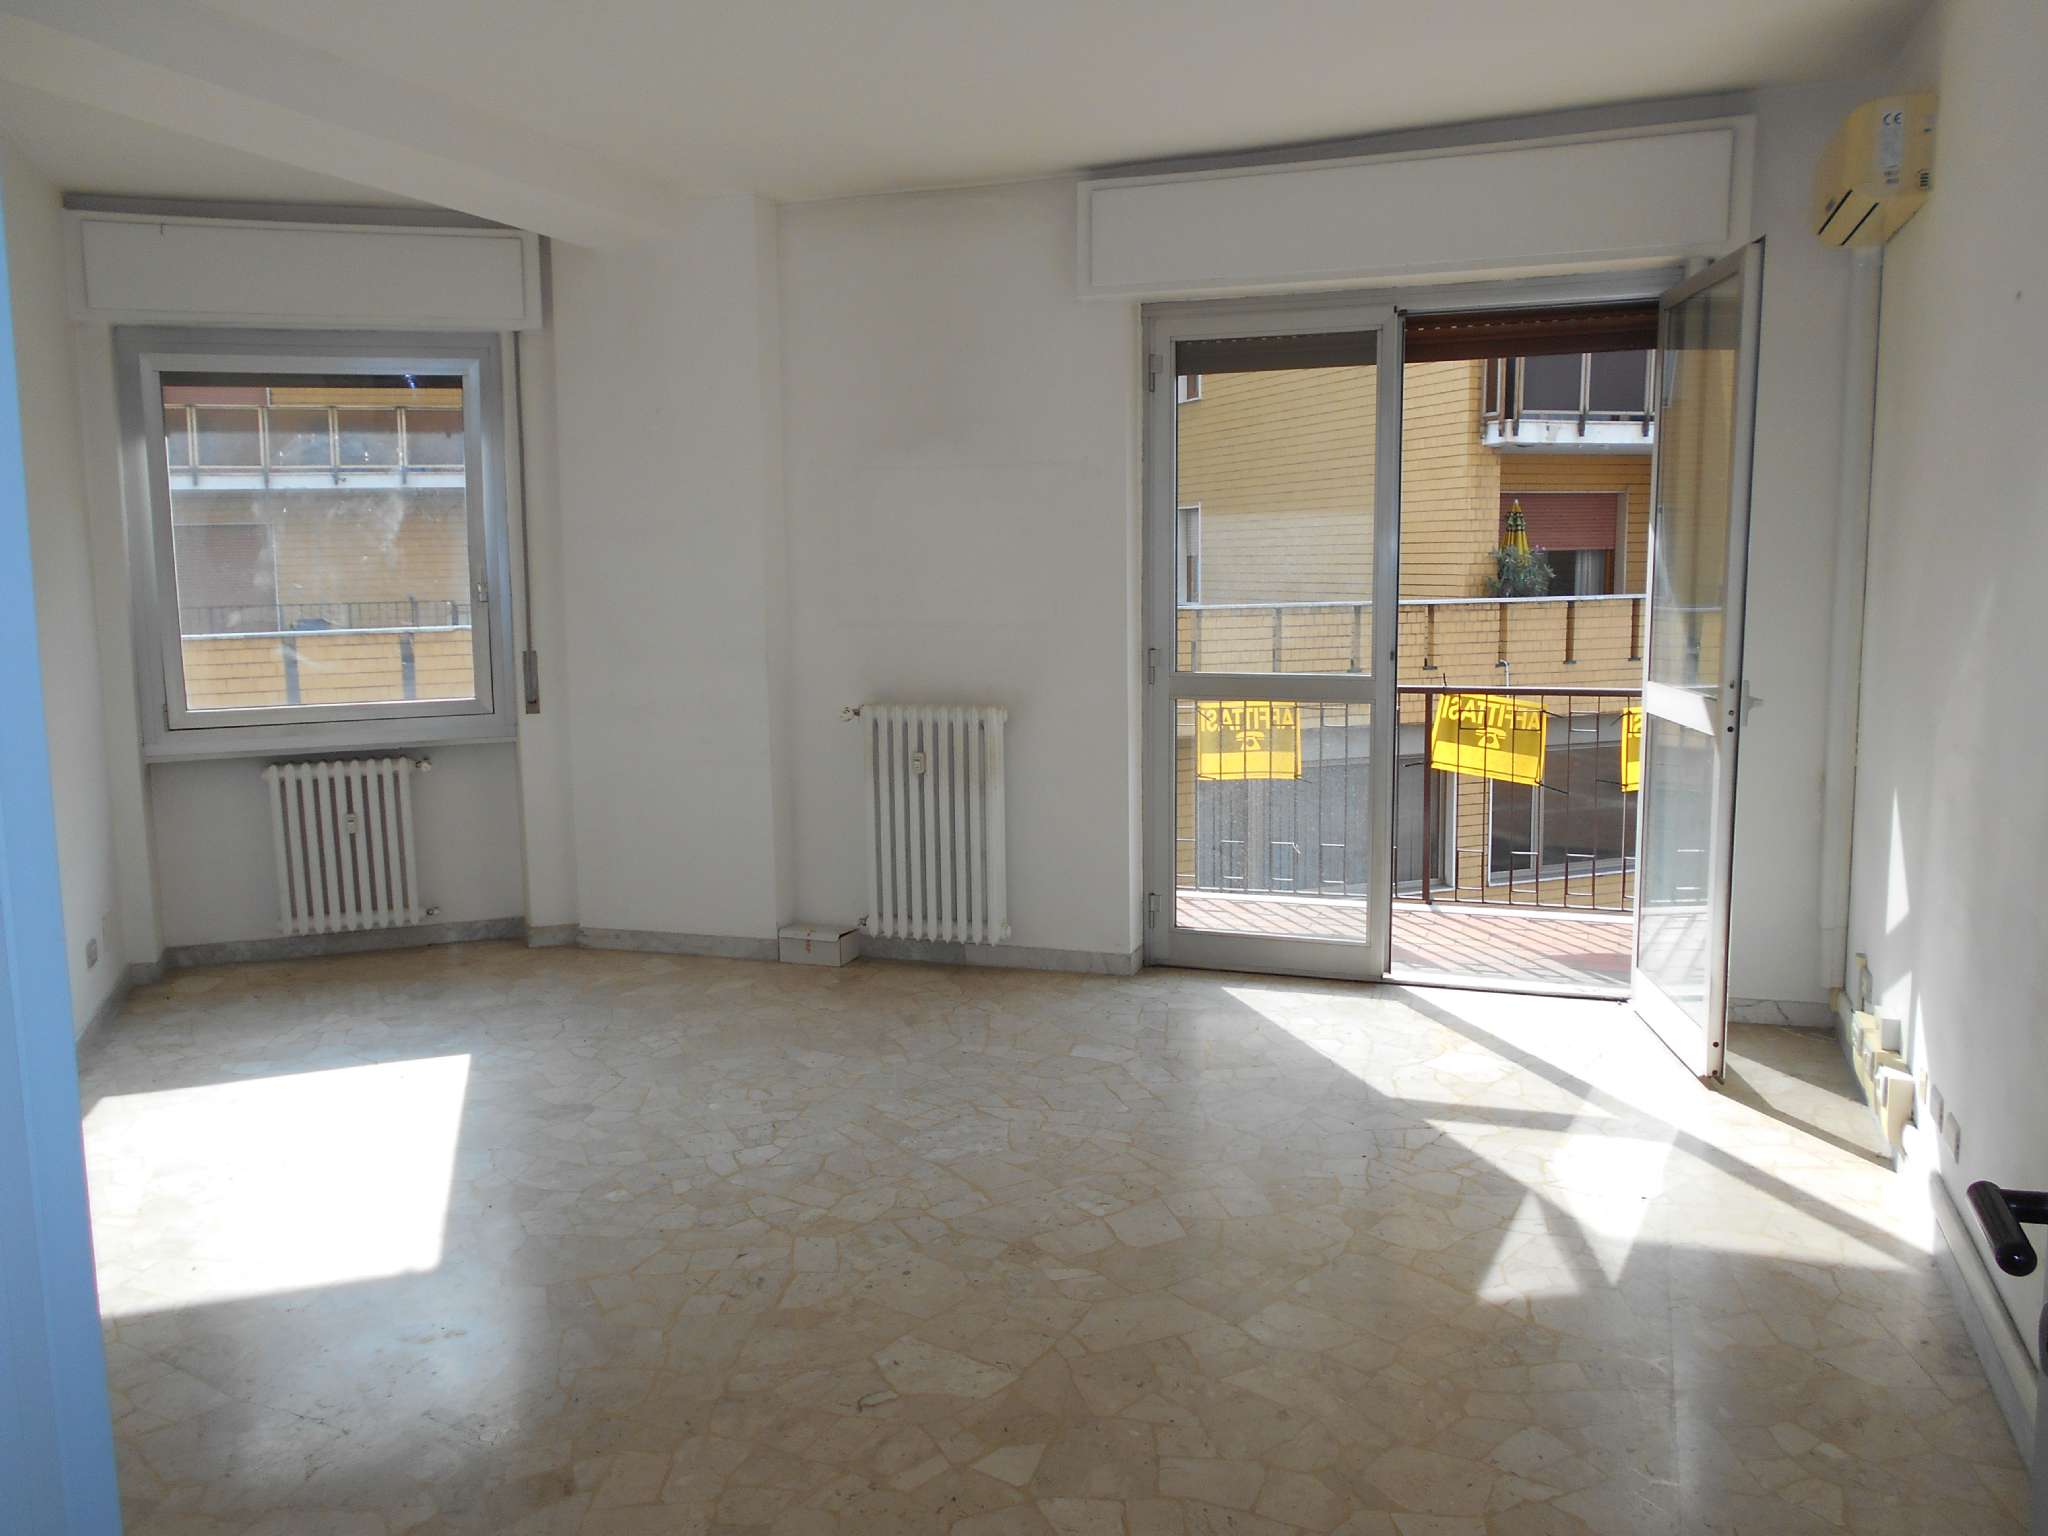 Appartamento in affitto a Varese, 3 locali, prezzo € 800 | CambioCasa.it